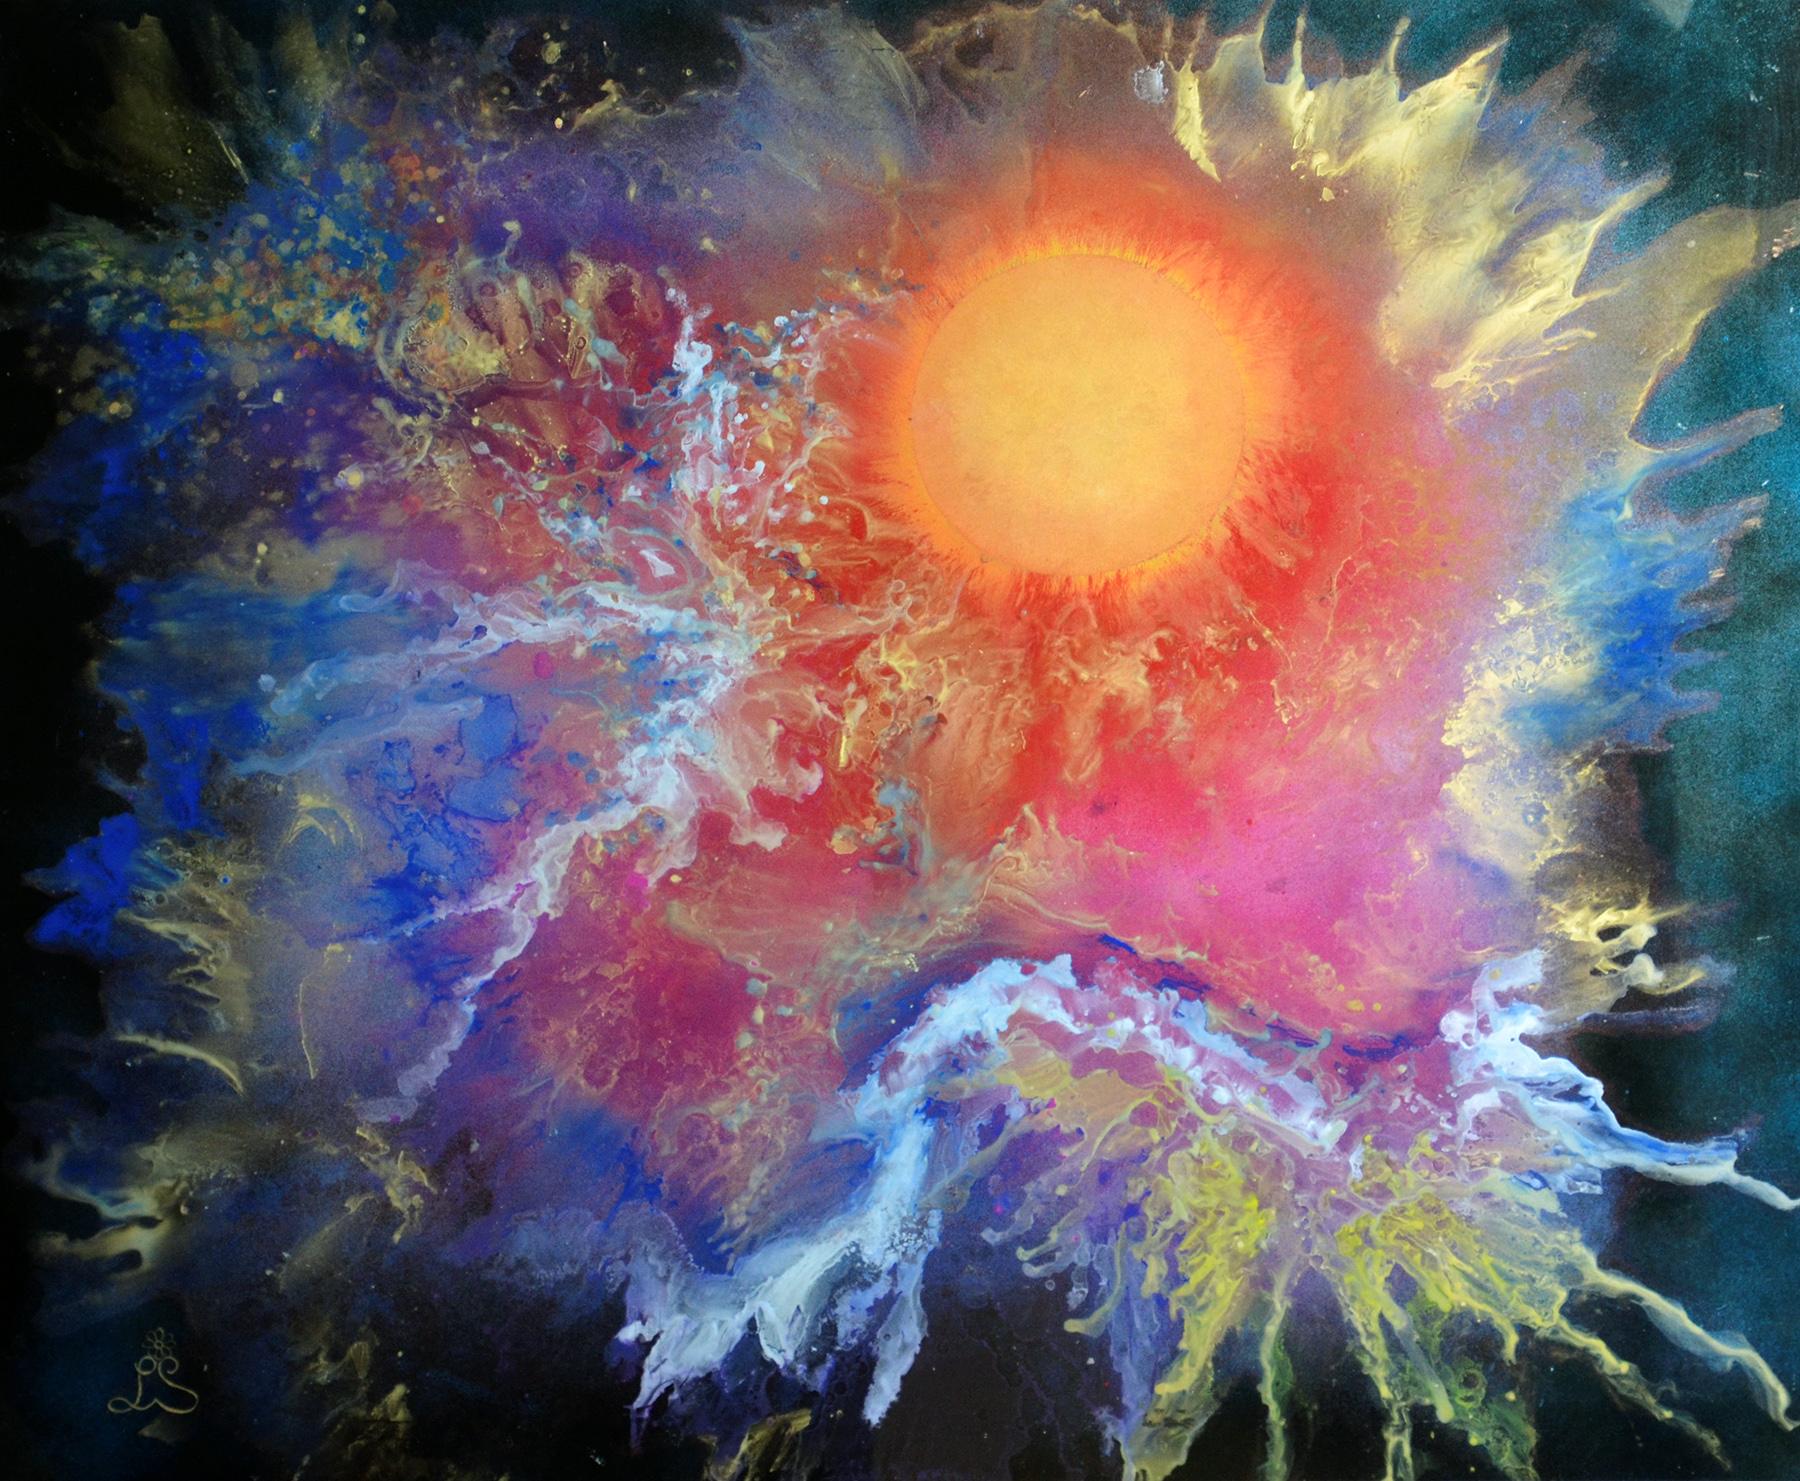 Soleil Cosmique